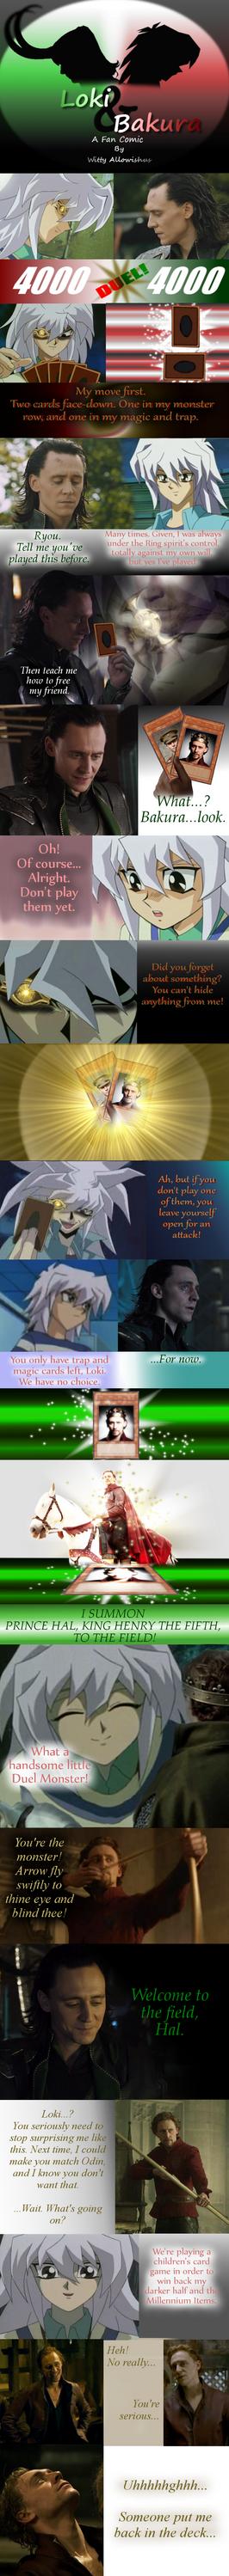 Loki and Bakura XXXVII - Let the Duel Begin by Loki-Bakura